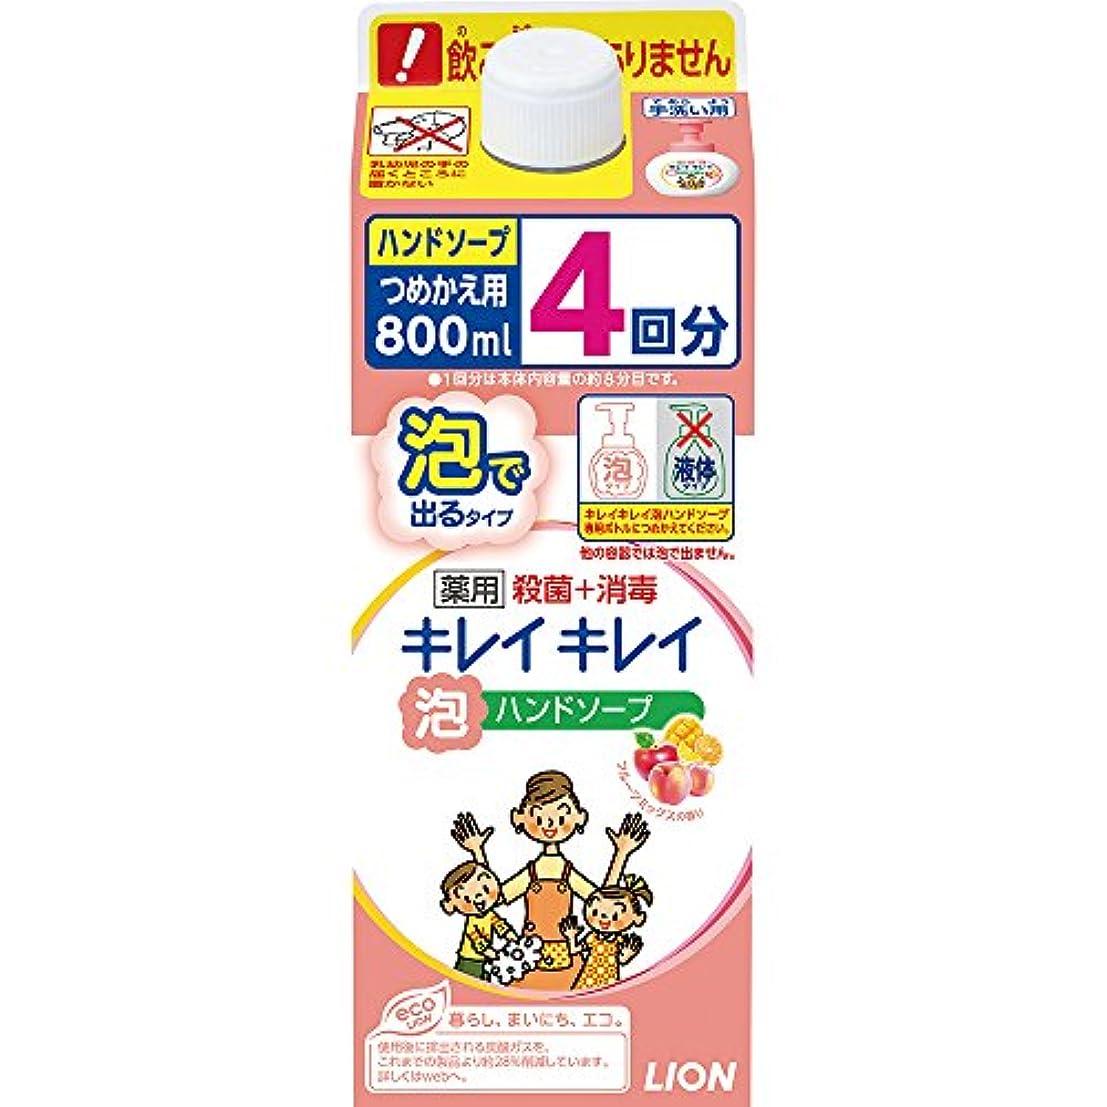 困惑する敬四キレイキレイ 薬用 泡ハンドソープ フルーツミックスの香り 詰め替え特大サイズ 800ml(医薬部外品)